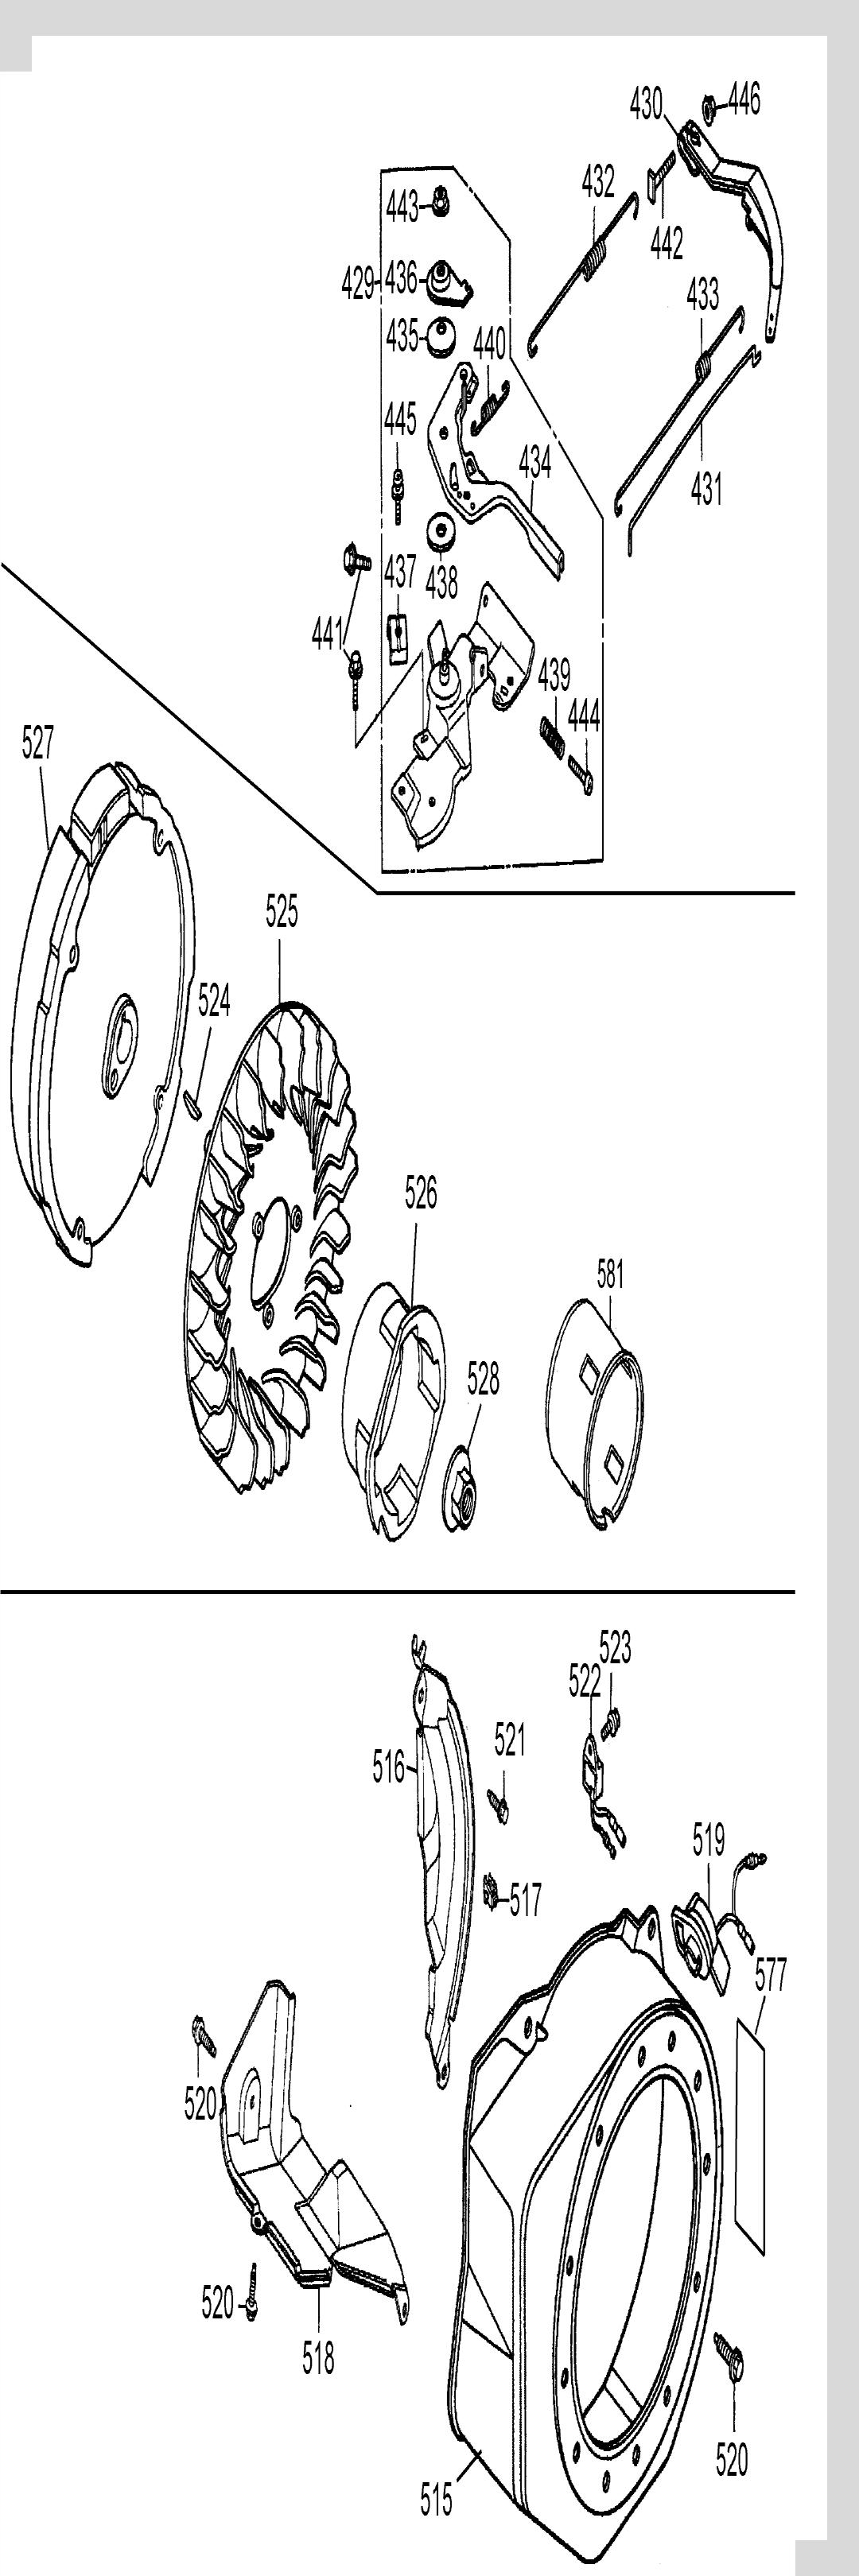 D55276-T2-Dewalt-PB-4Break Down